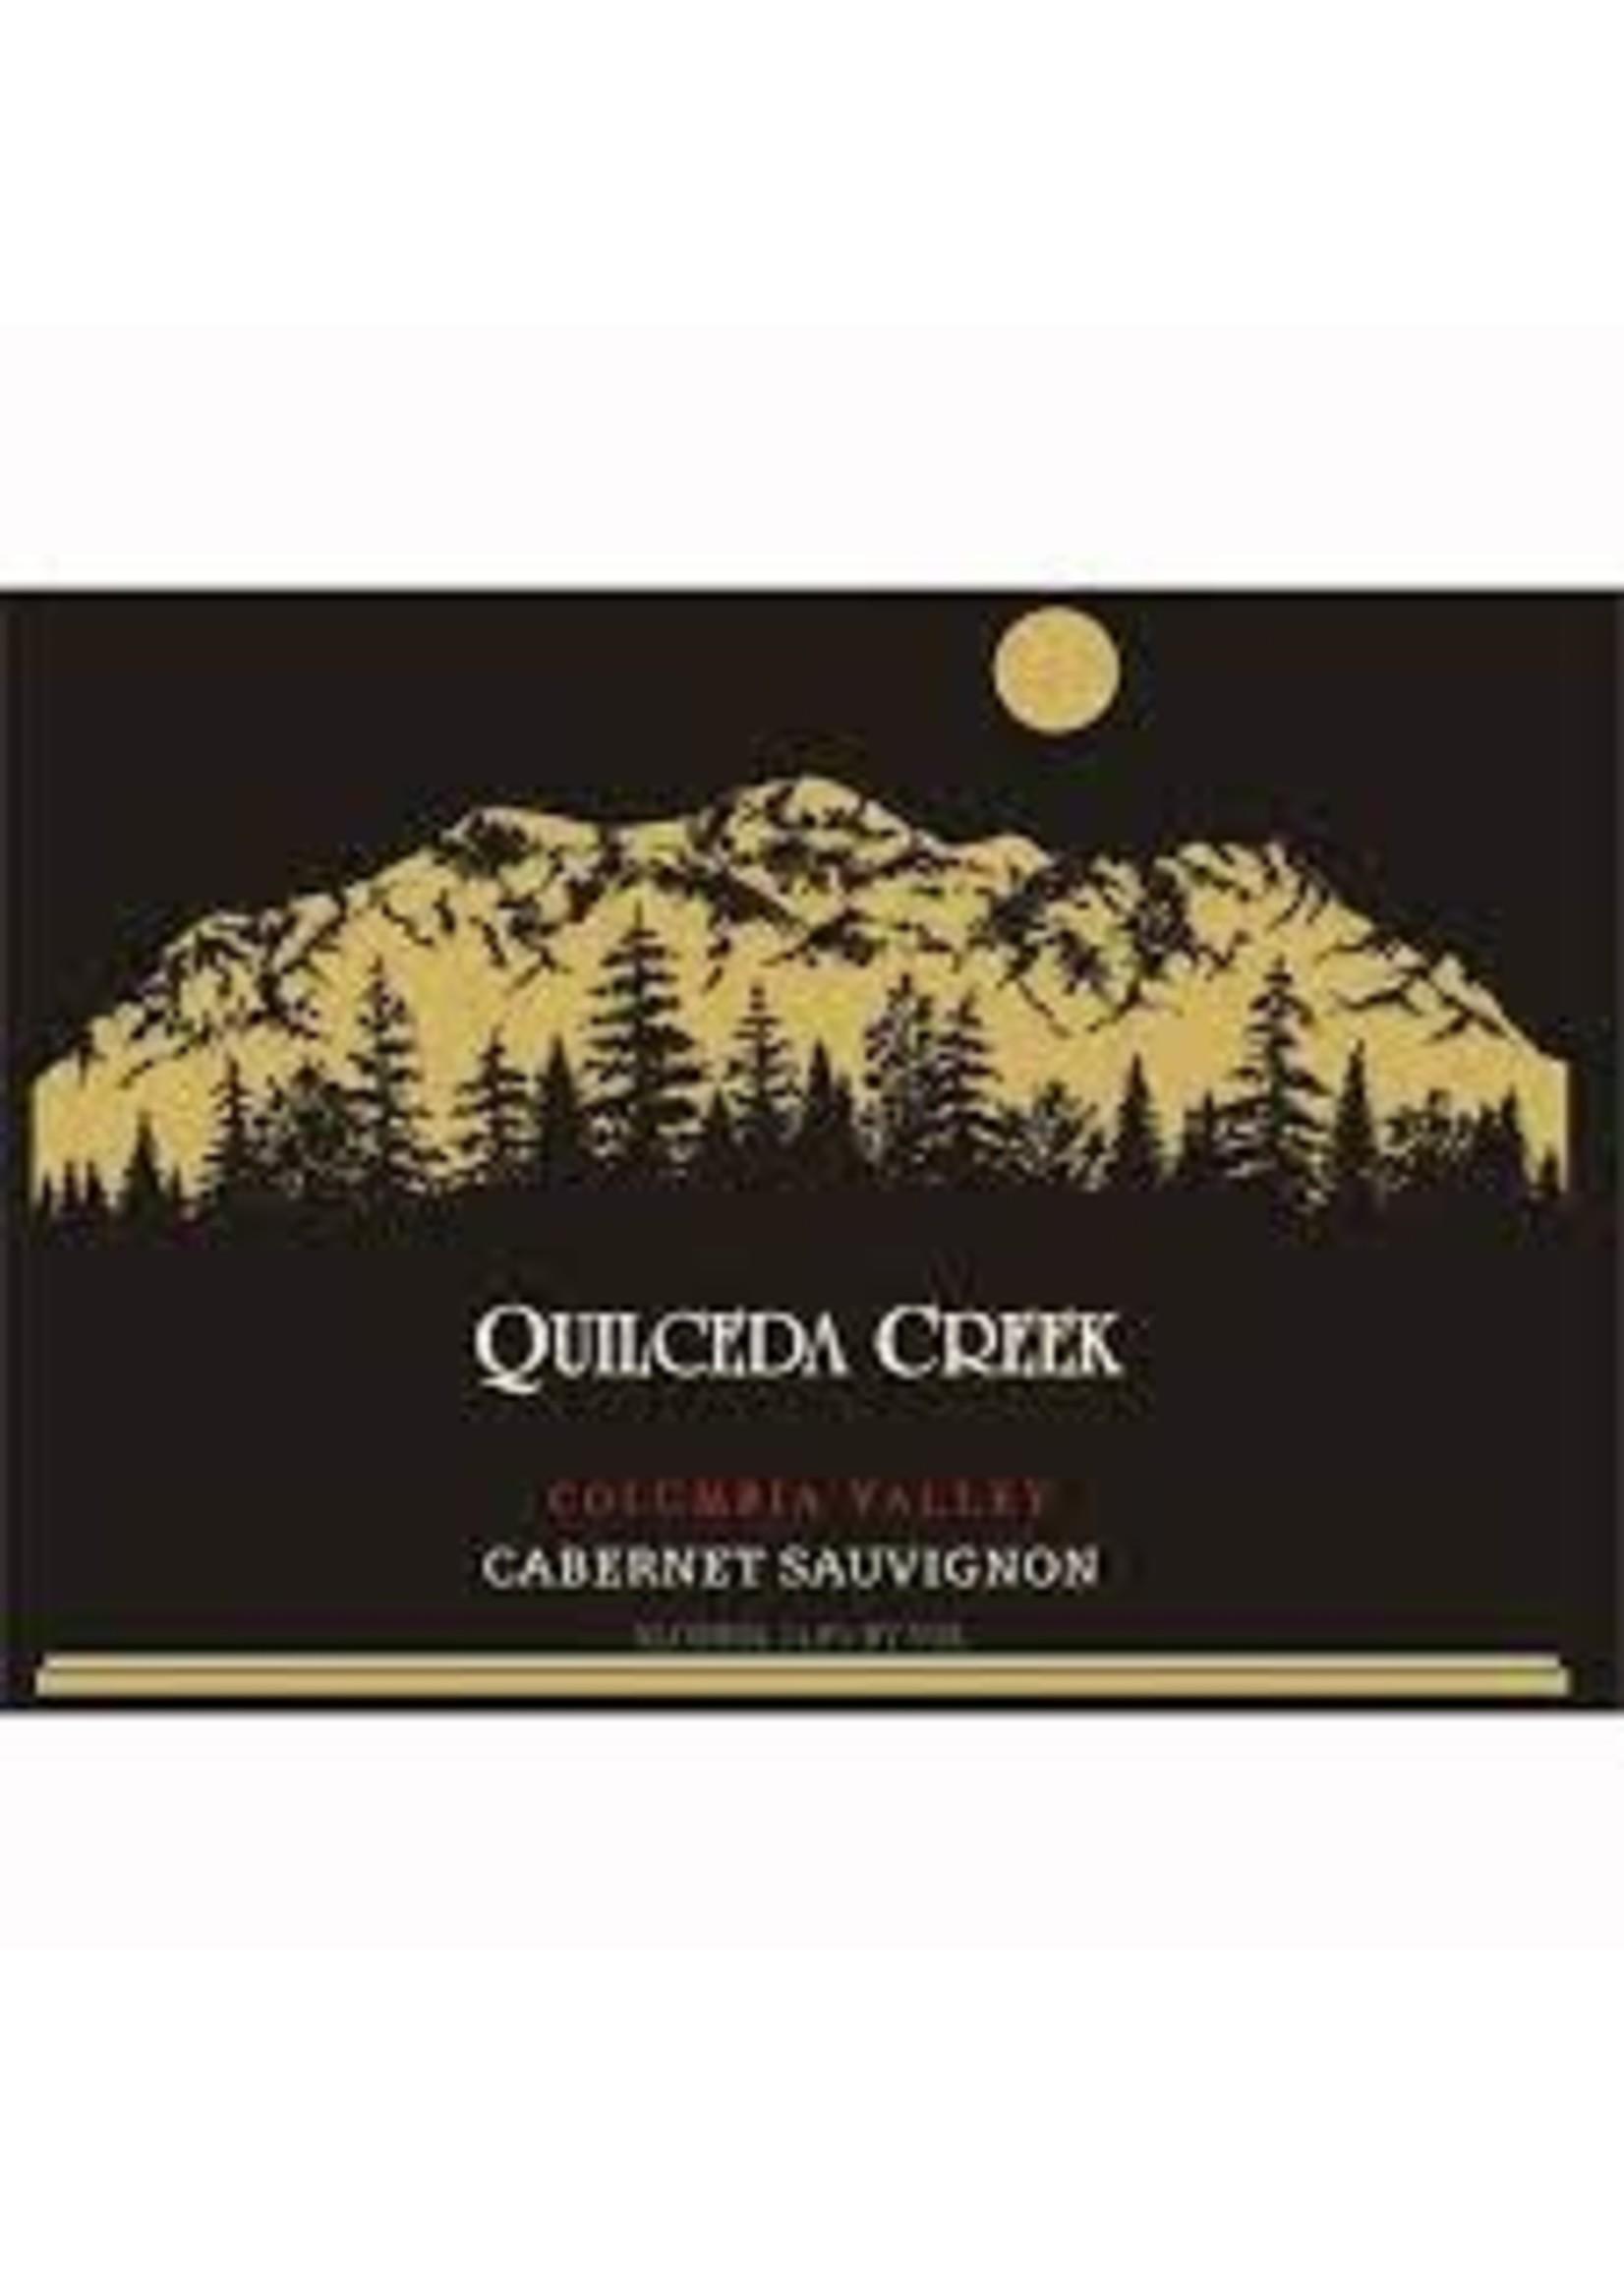 Quilceda Creek 2002 Cabernet Sauvignon 750ml [PRE-ARRIVAL]